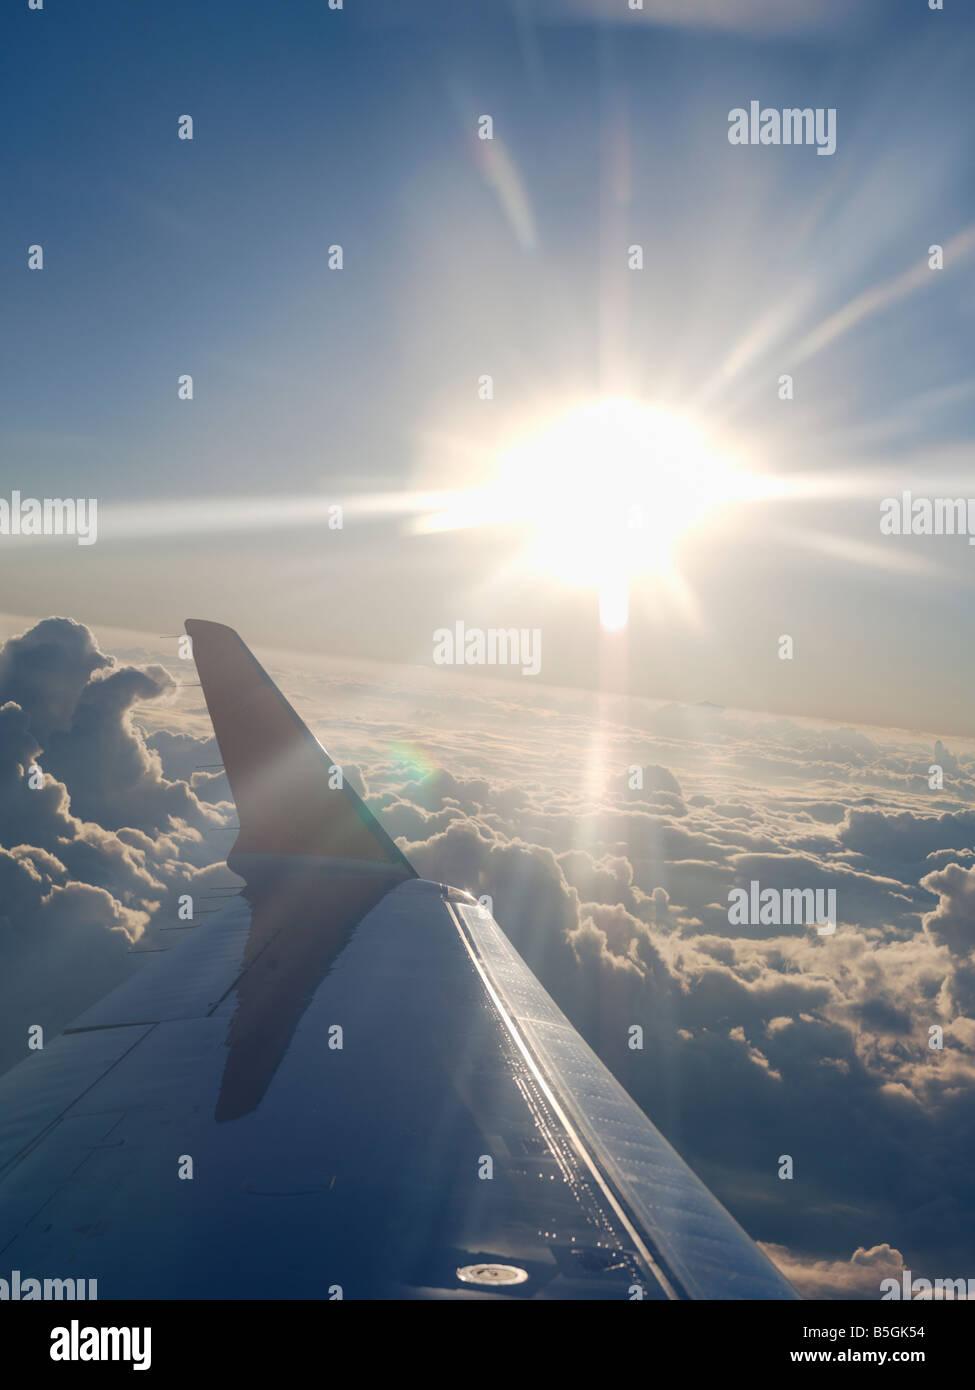 USA, Texas, Houston, Flugzeugflügel und Sonne platzen über Wolken während des Fluges Stockbild